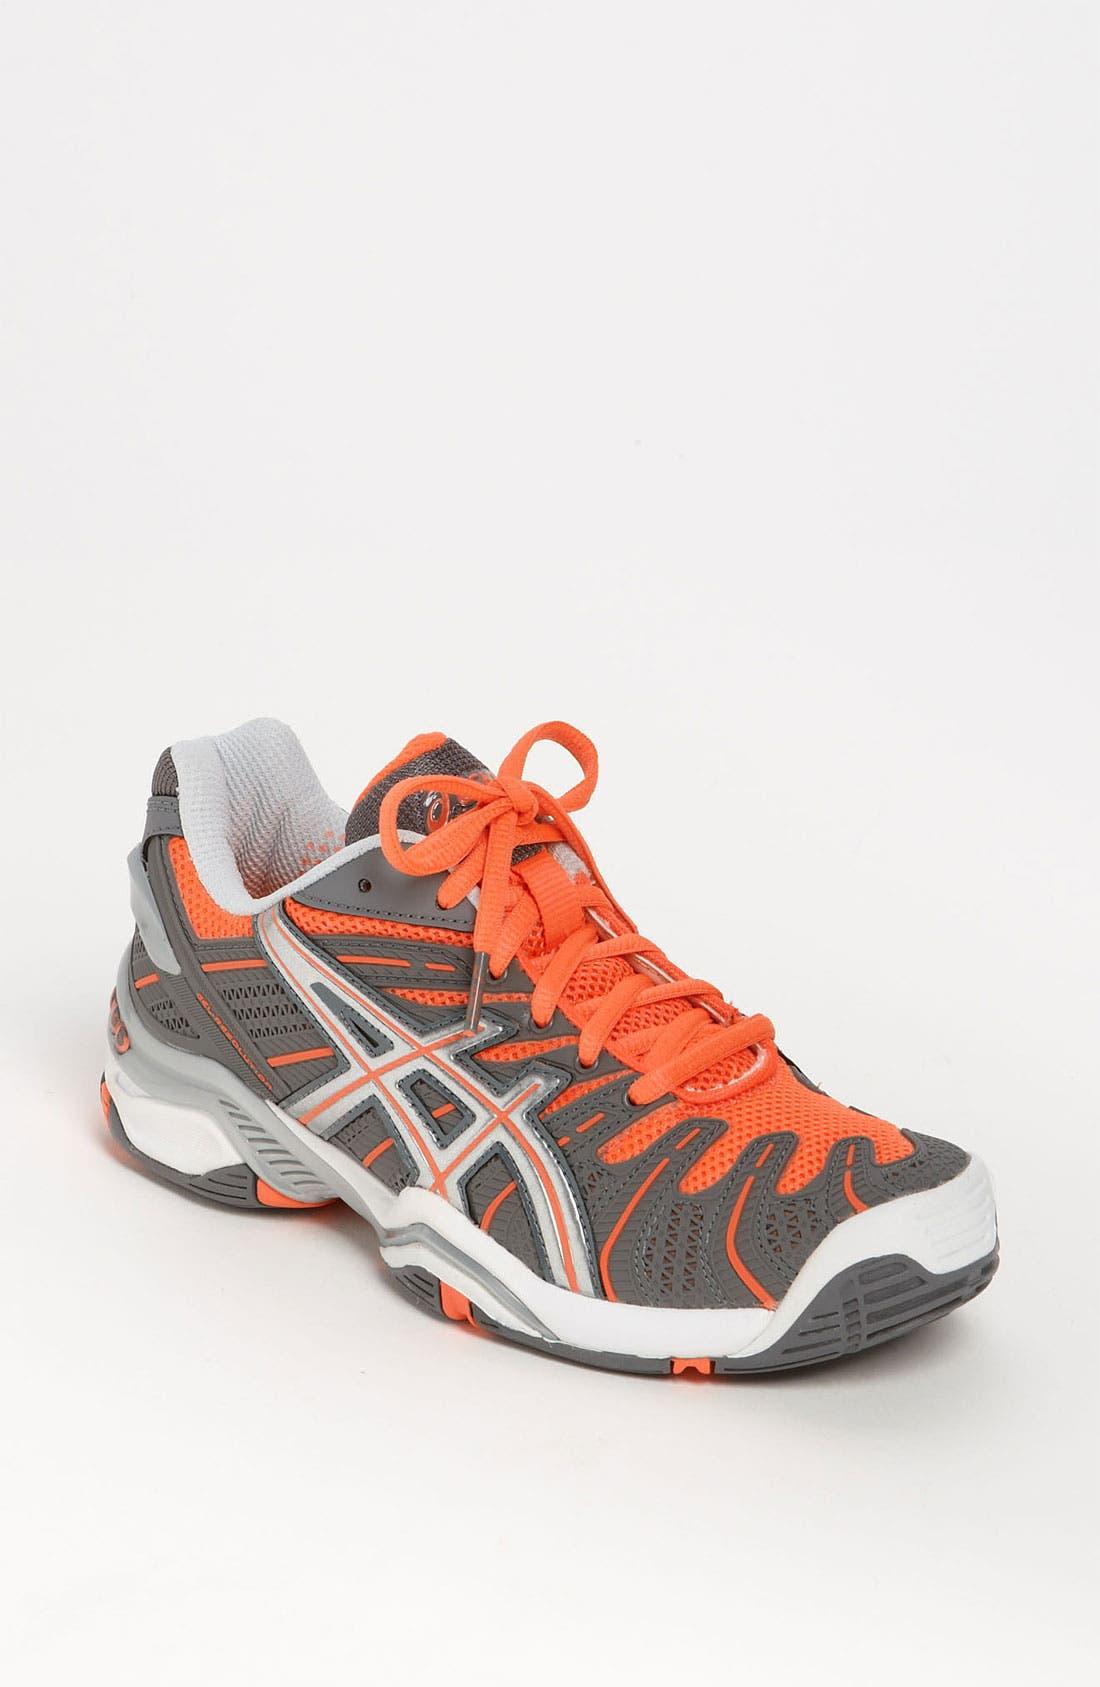 Alternate Image 1 Selected - ASICS® 'GEL-Resolution 4' Tennis Shoe (Women) (Regular Retail Price: $129.95)